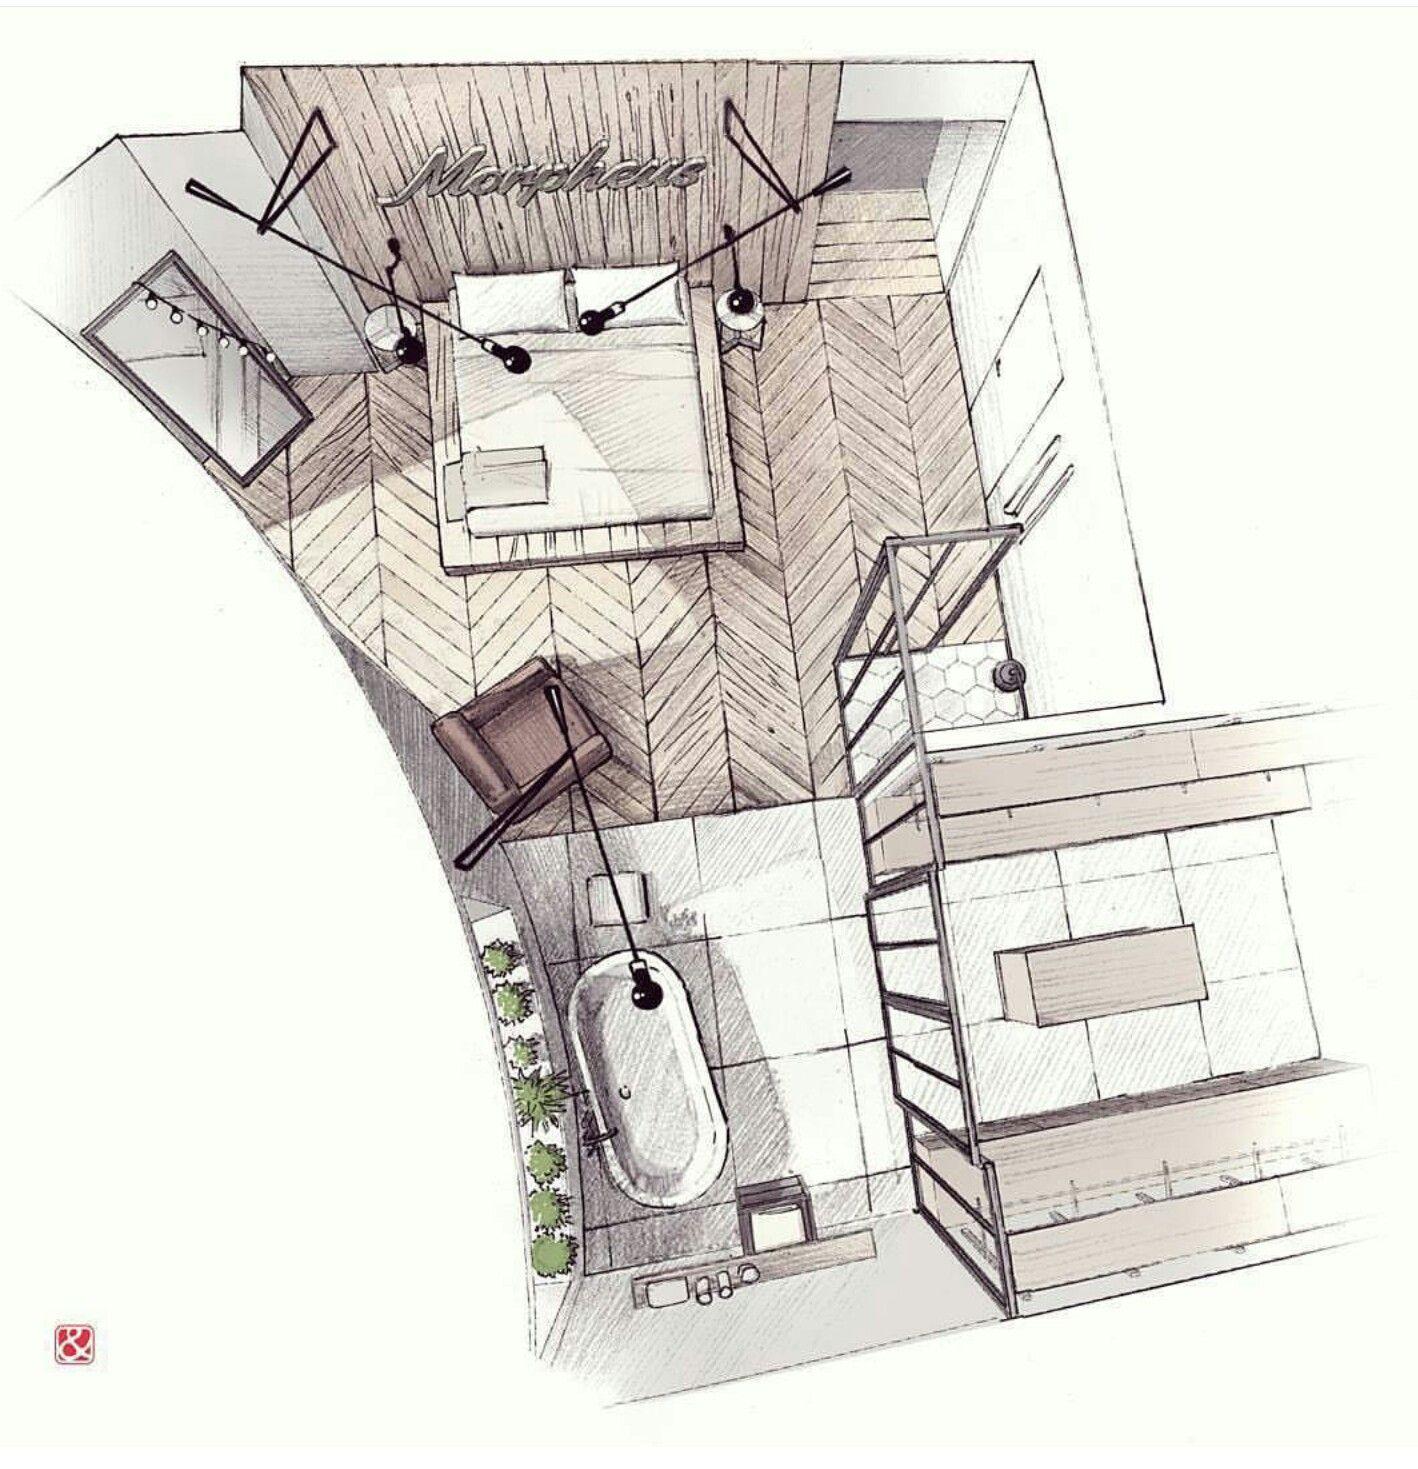 innenraumperspektive von oben spannung durch ungewohnten blickwinkel interior renderinginterior sketchinterior design portfoliosinterior architecture